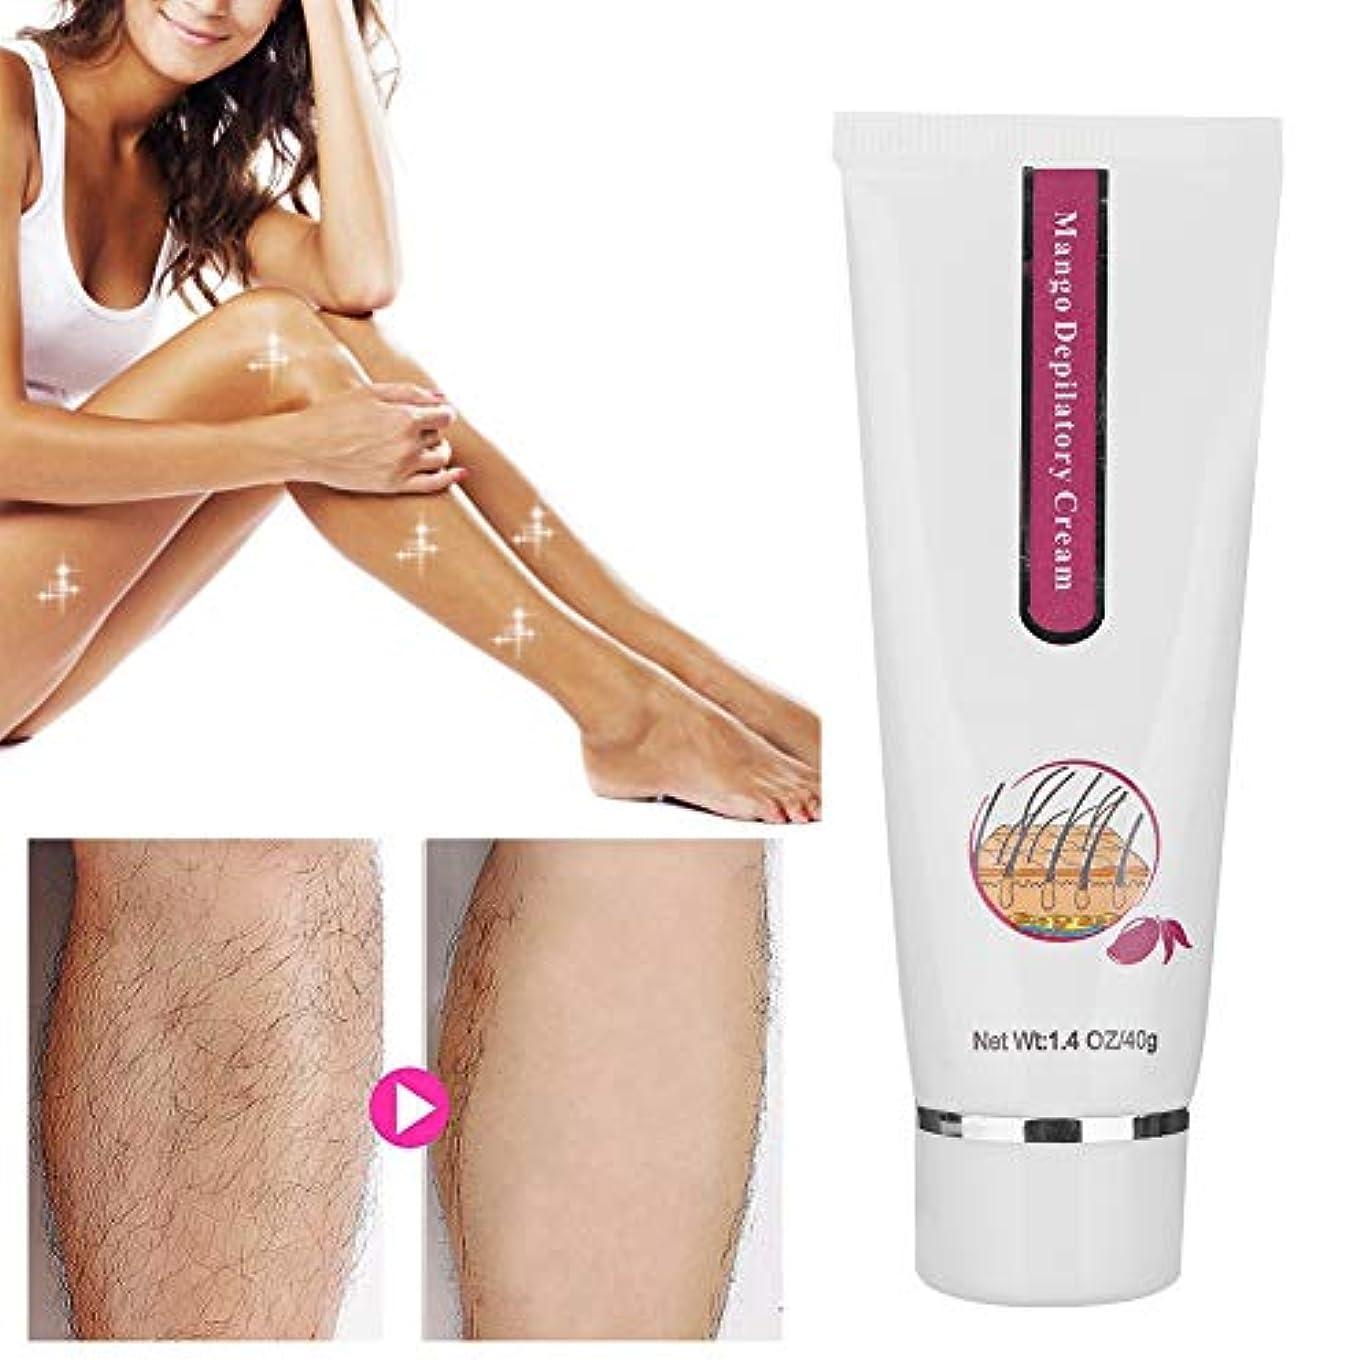 検出可能評価特殊40グラム脱毛クリーム、迅速かつ効果的な穏やかな痛みのない脱毛クリーム、体脚脇の下アーム用脱毛脱毛ペースト